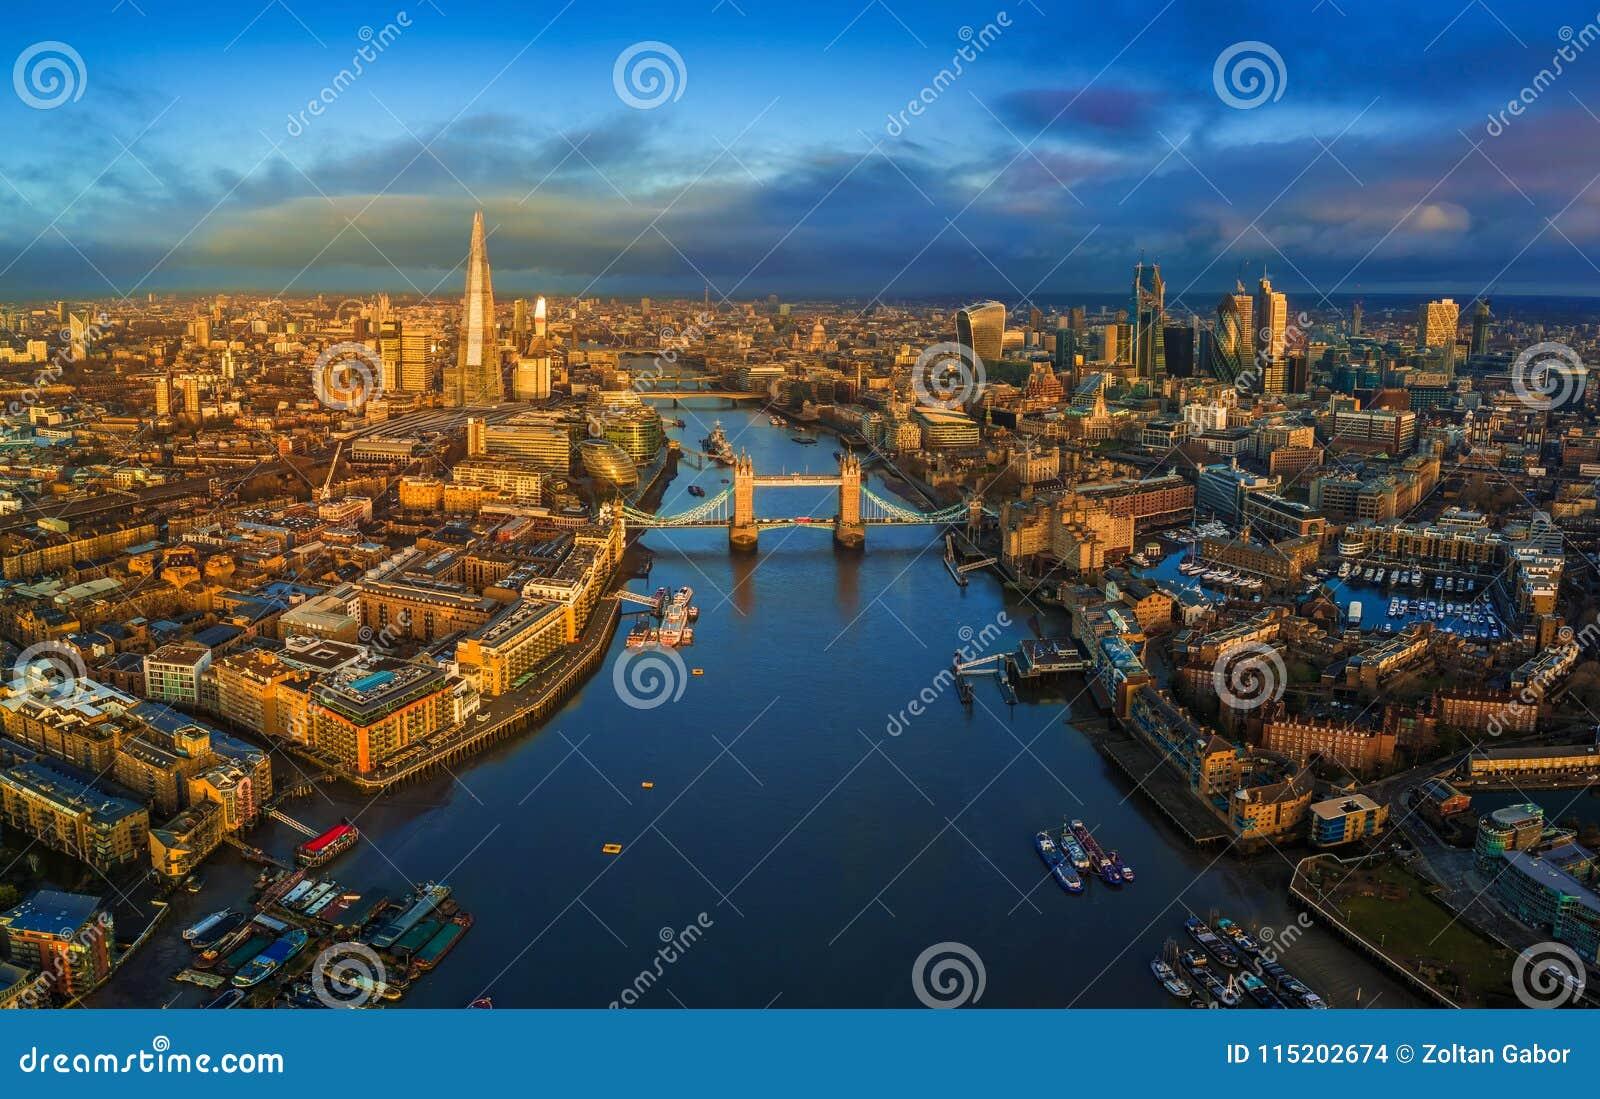 Londres, Inglaterra - opinión aérea panorámica del horizonte de Londres incluyendo el puente icónico de la torre con el autobús d